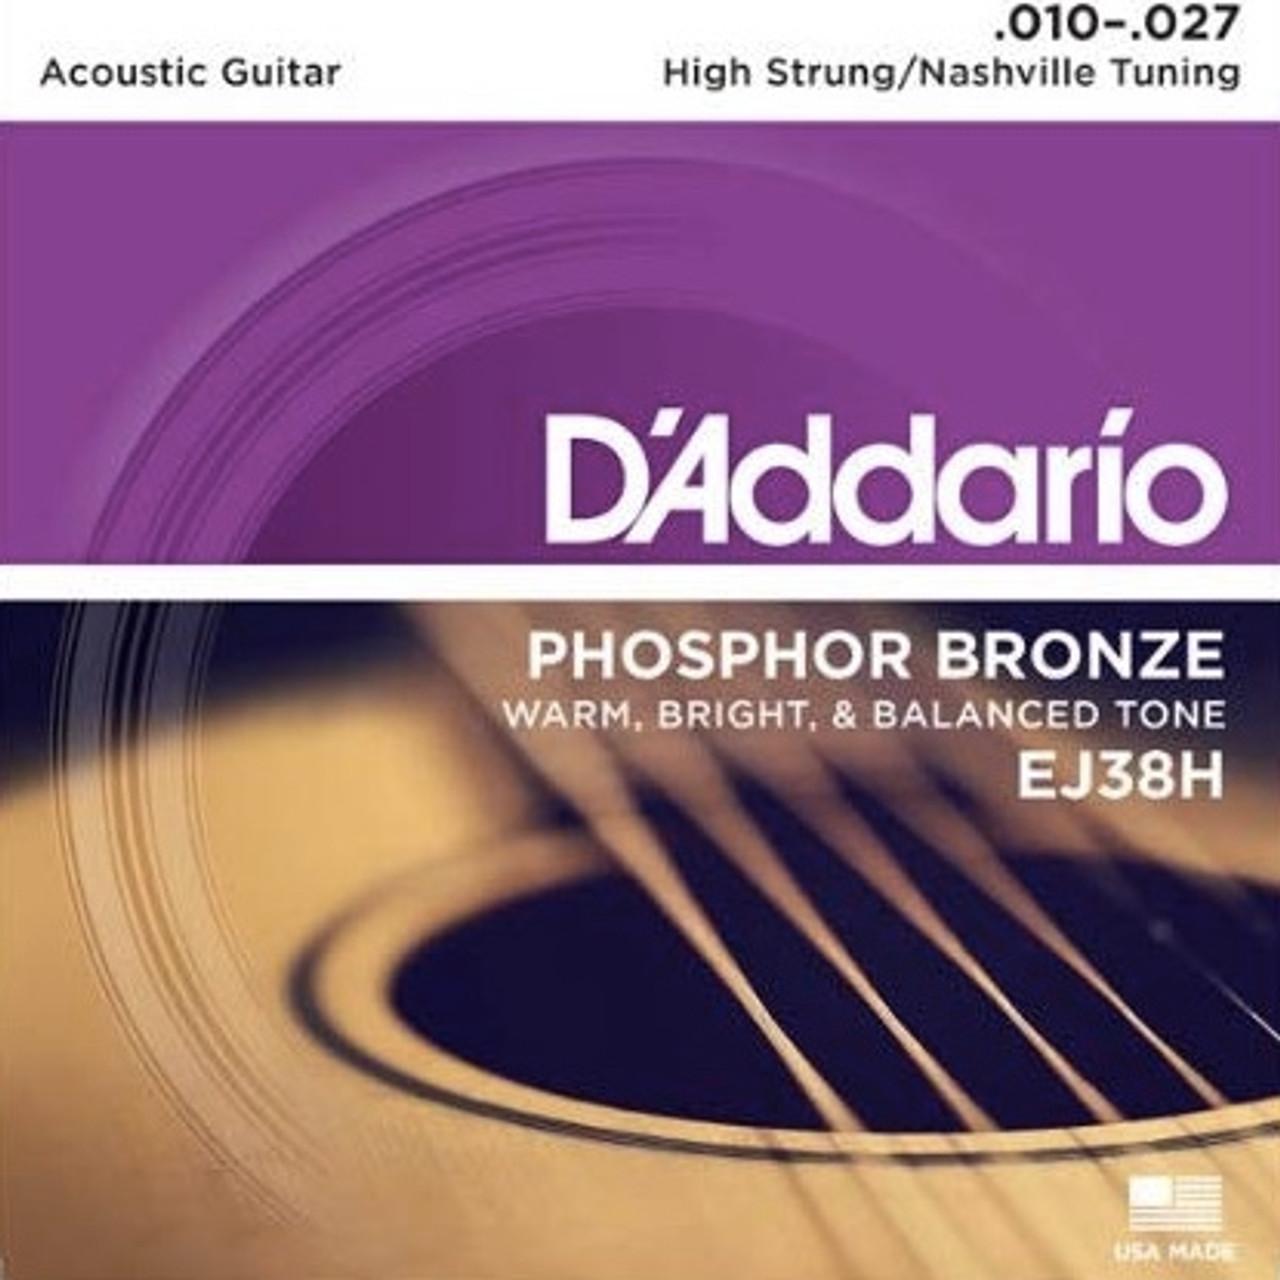 D'addario EJ38H Nashville Tuning Strings Ireland